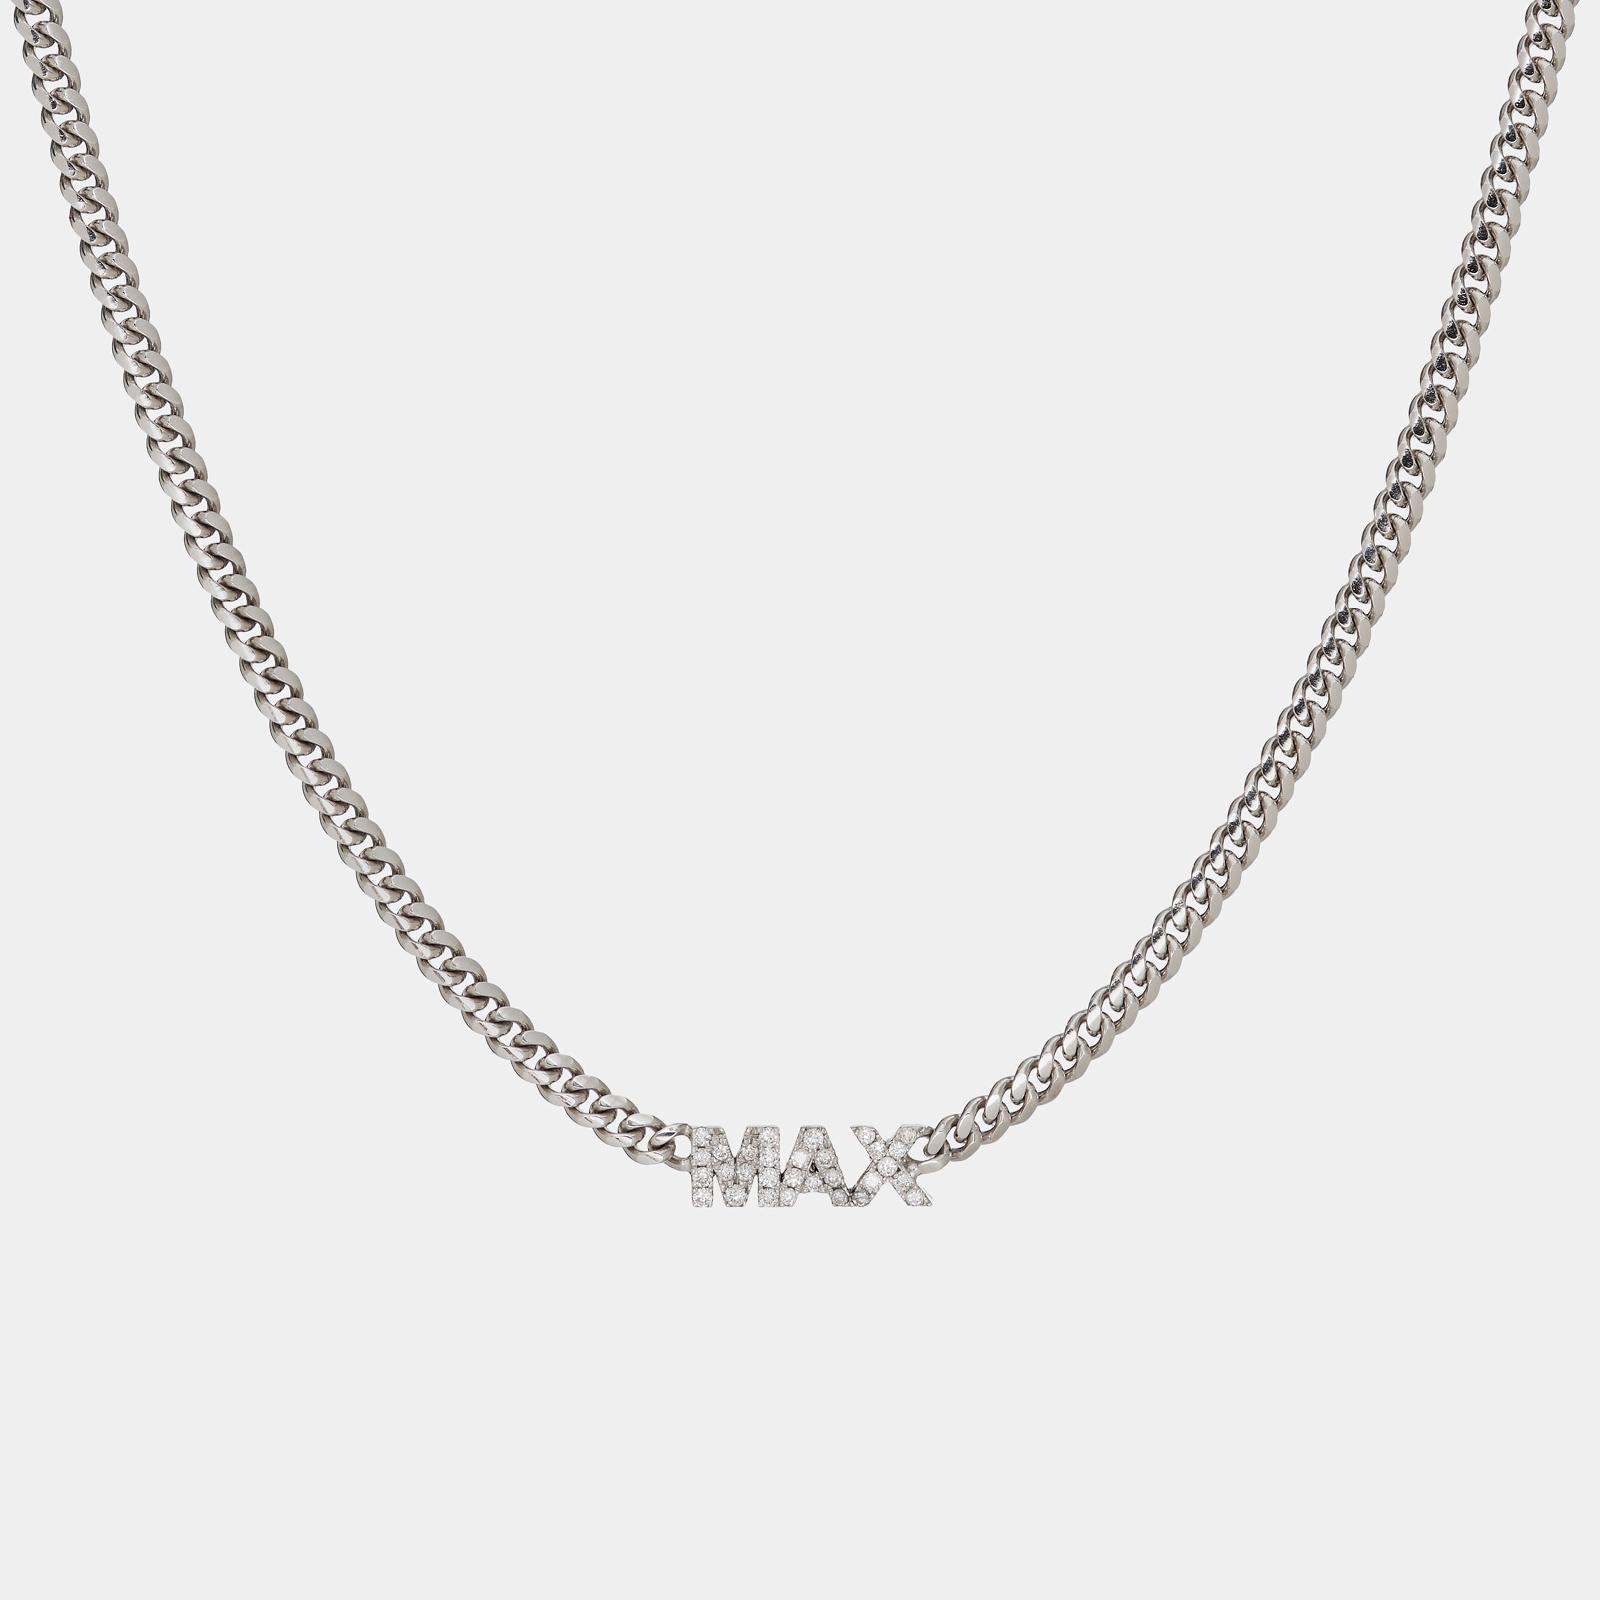 Collana piccola groumette personalizzata in oro bianco e diamanti bianchi - Rosanna Cattolico gioielli